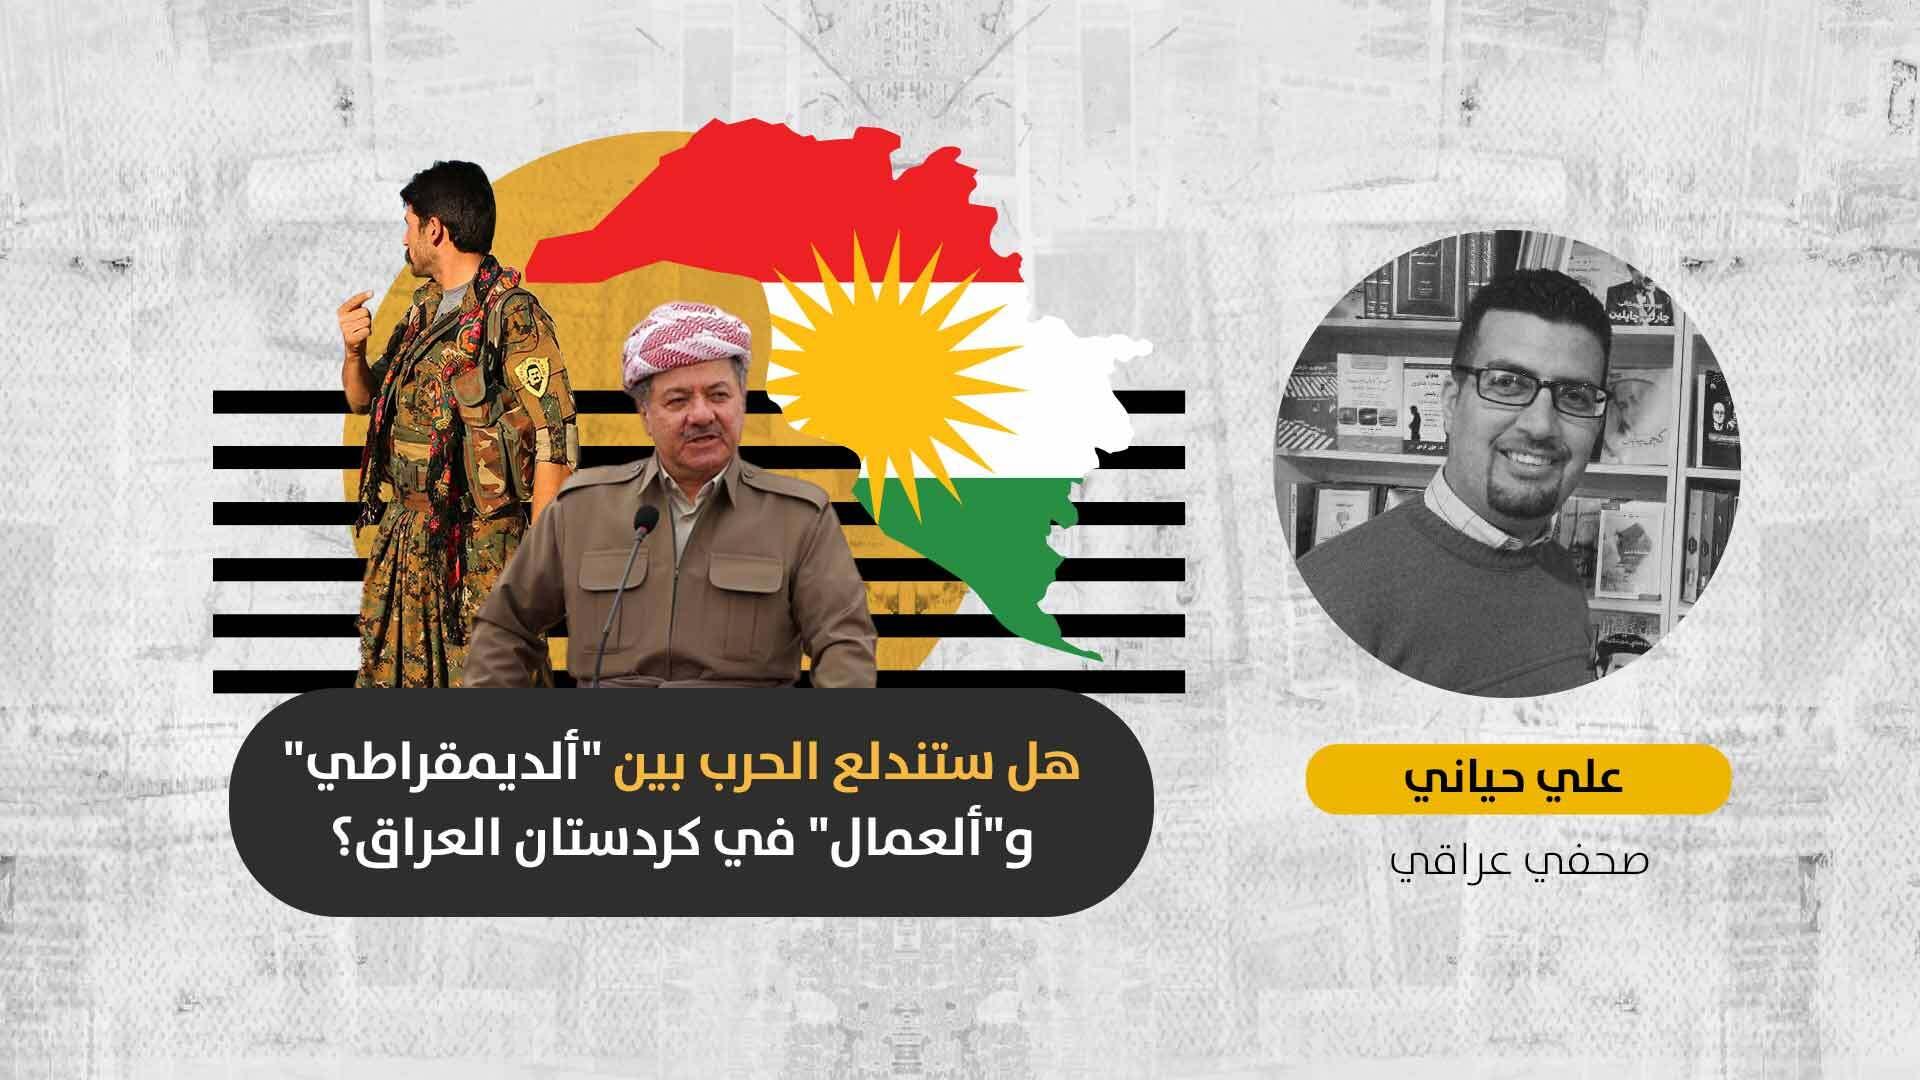 """بعد استهداف """"العمال"""" للبشمركة: هل يمكن للحكومة العراقية منع اندلاع حرب أهلية في إقليم كردستان؟"""